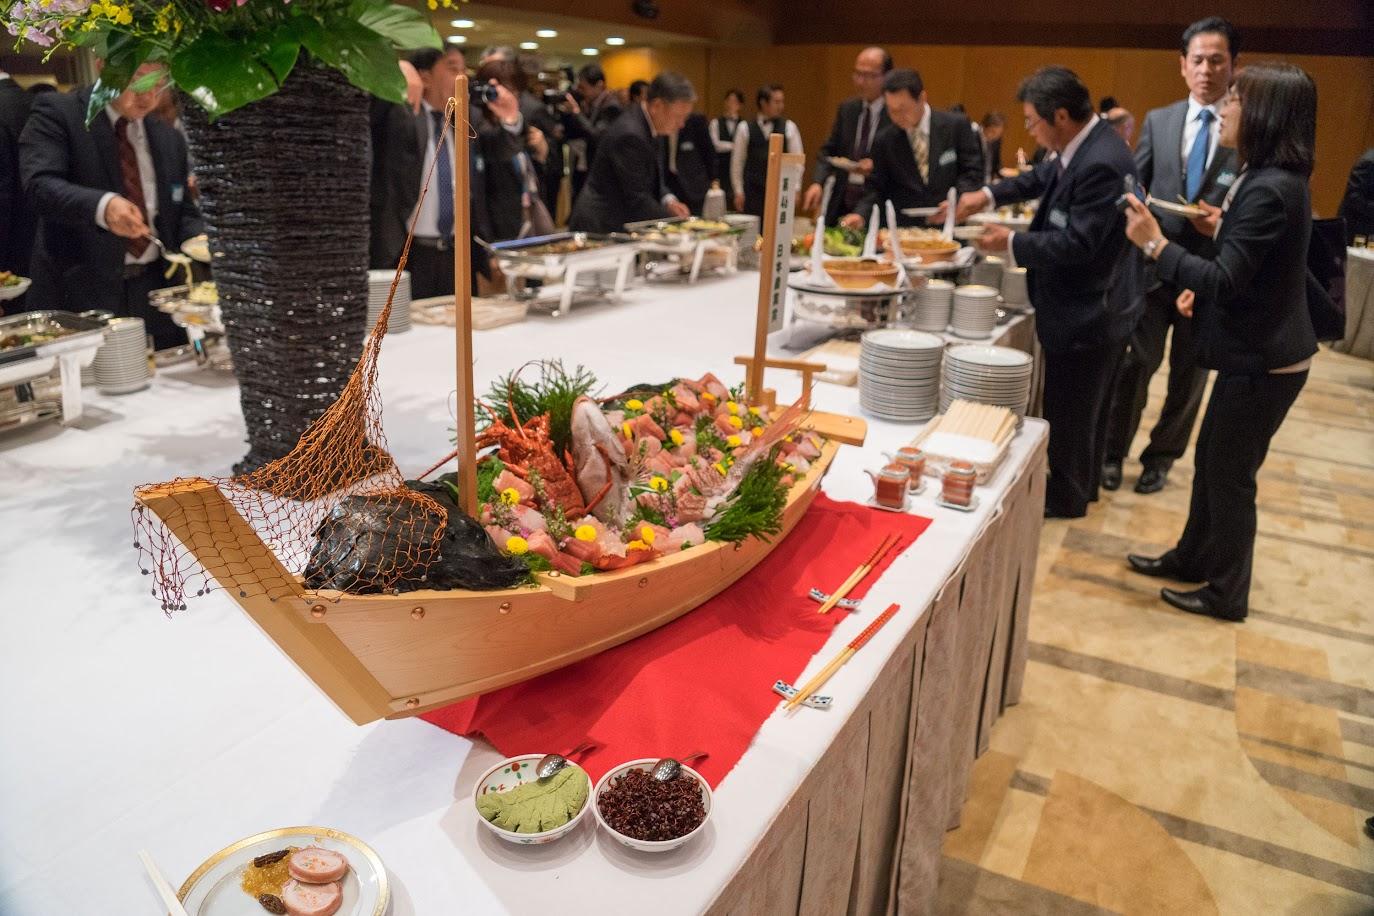 中央テーブルを飾る舟盛り